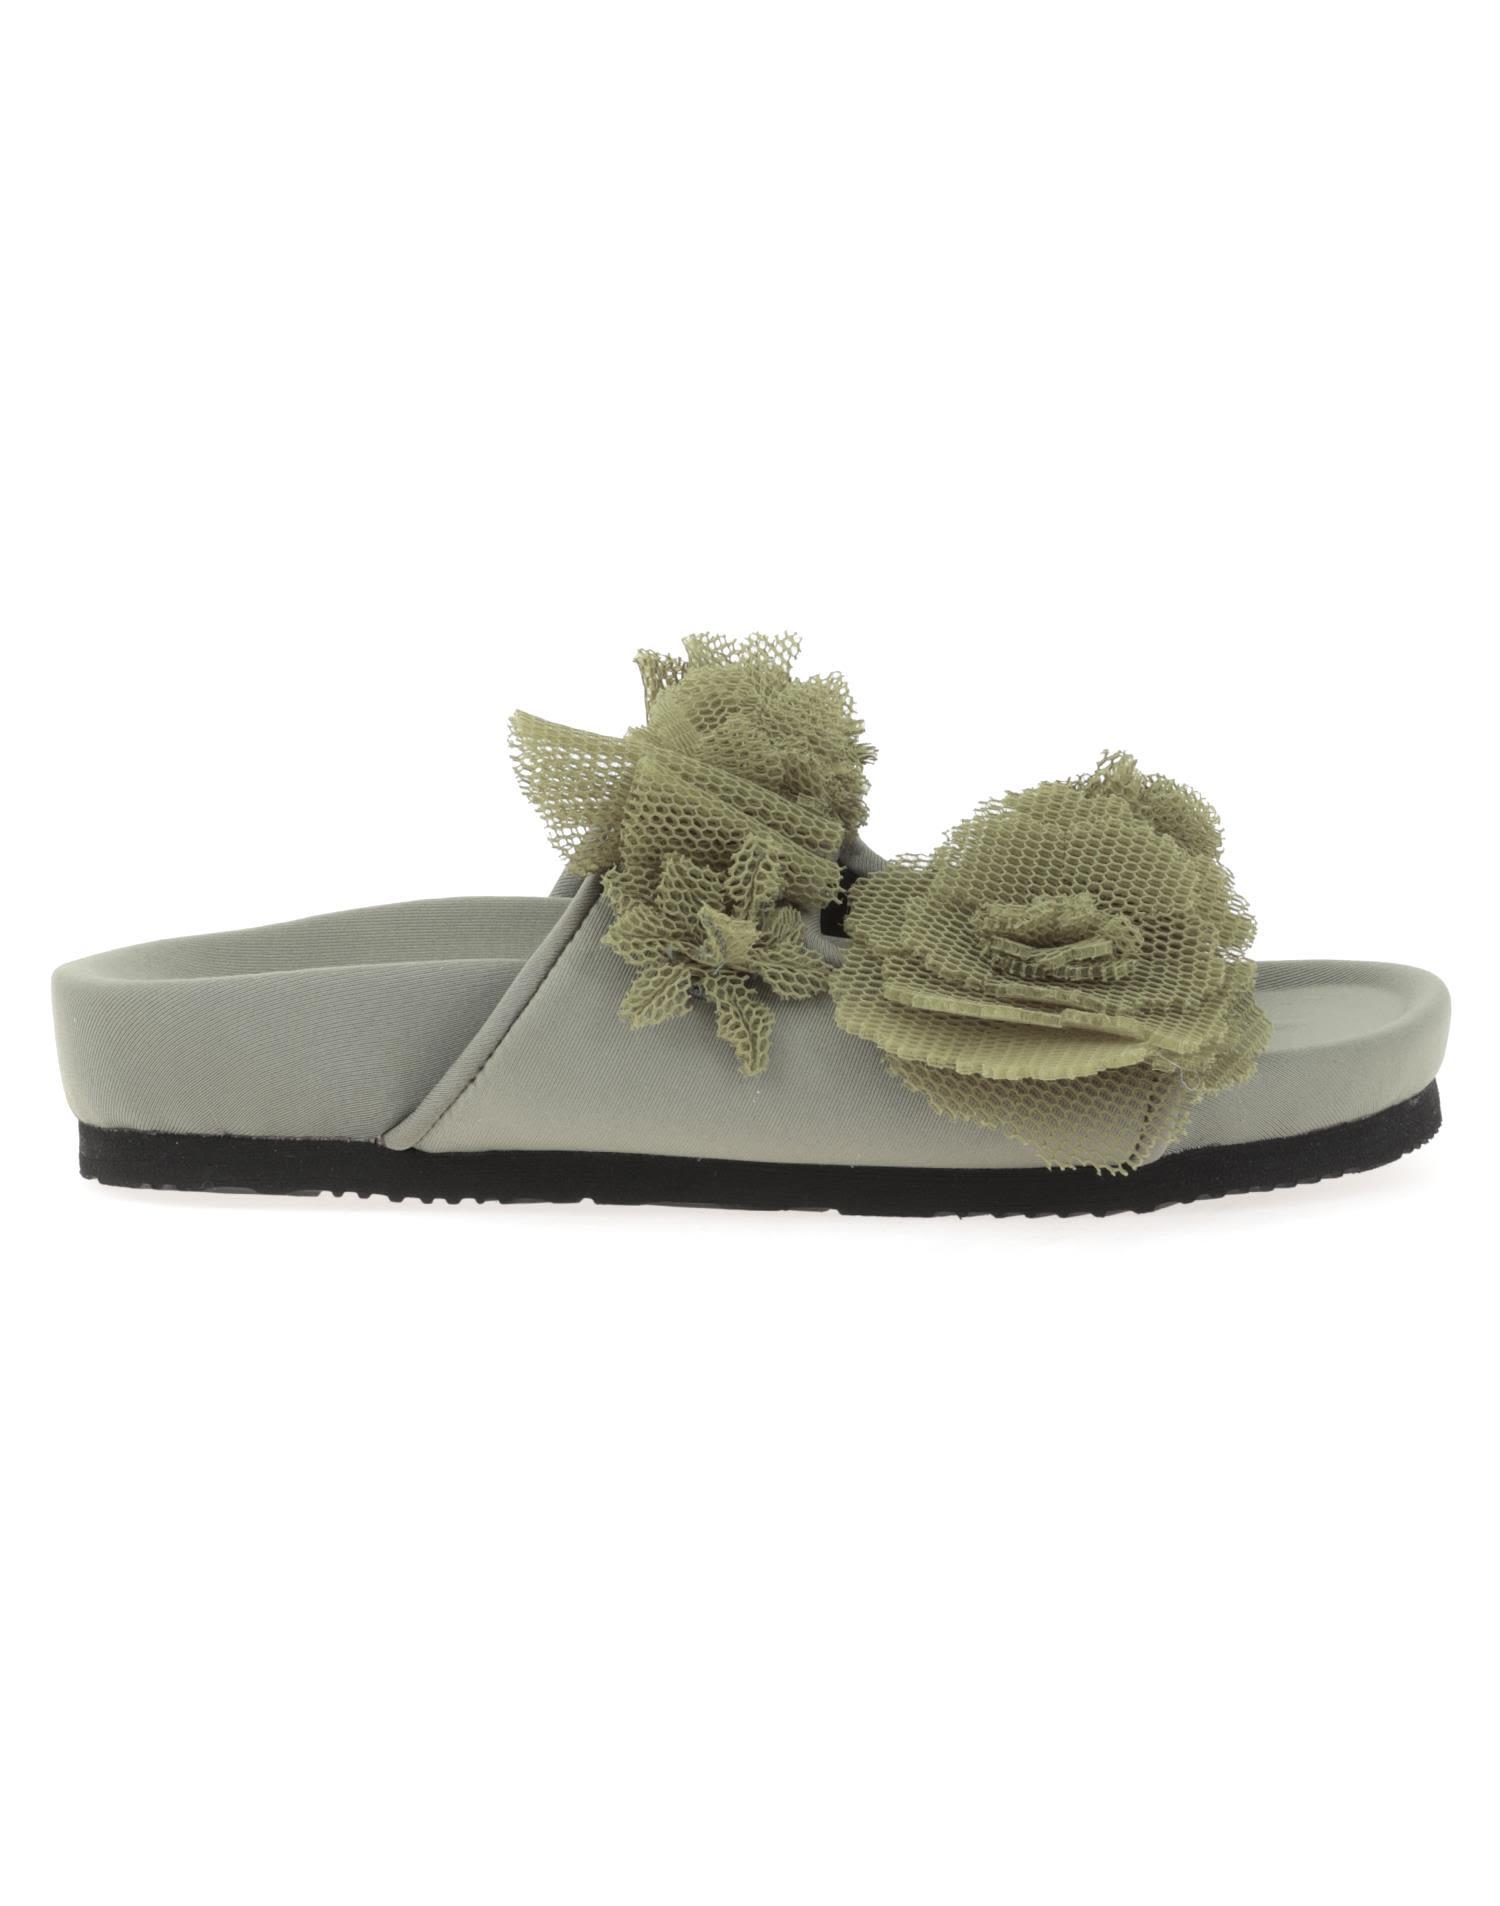 Suecomma Bonnie Leather Sandal